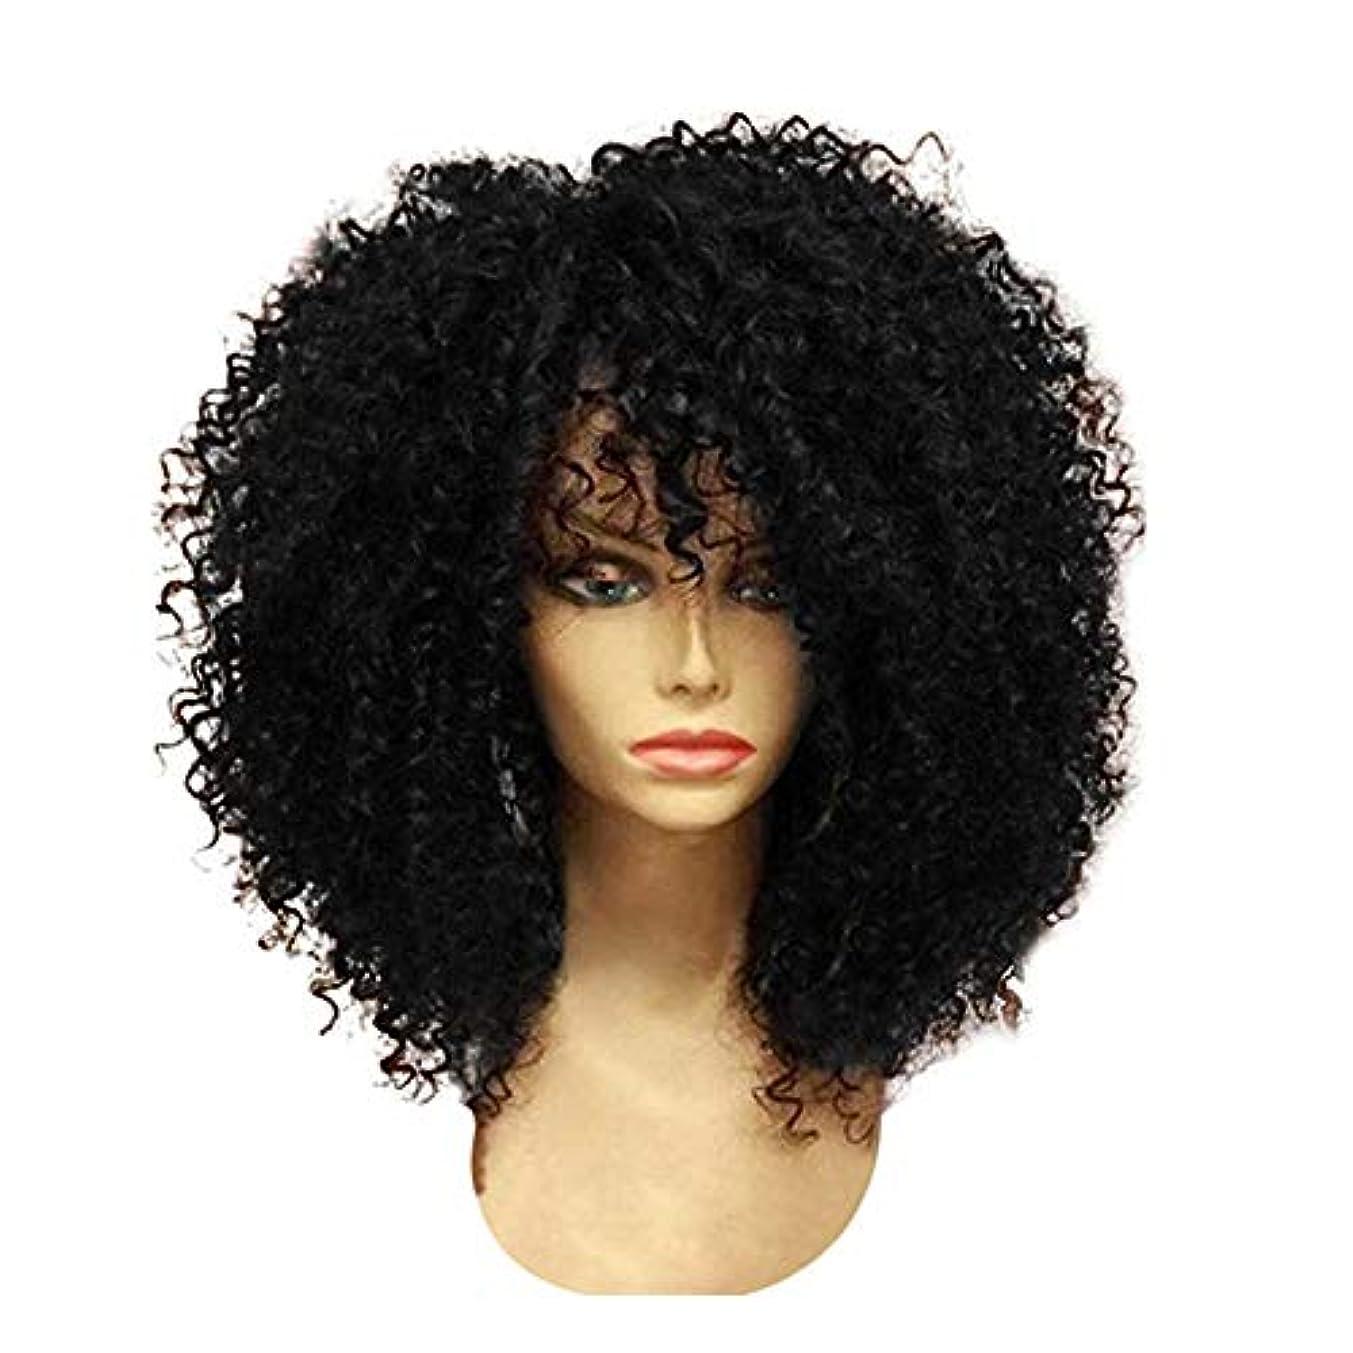 文明化合唱団ジョガーYOUQIU 前髪ウィッグ合成ブラックとブラウンかつらと女性ショートのクイック織り合成カーリーウィッグ (色 : 黒, サイズ : 15.7